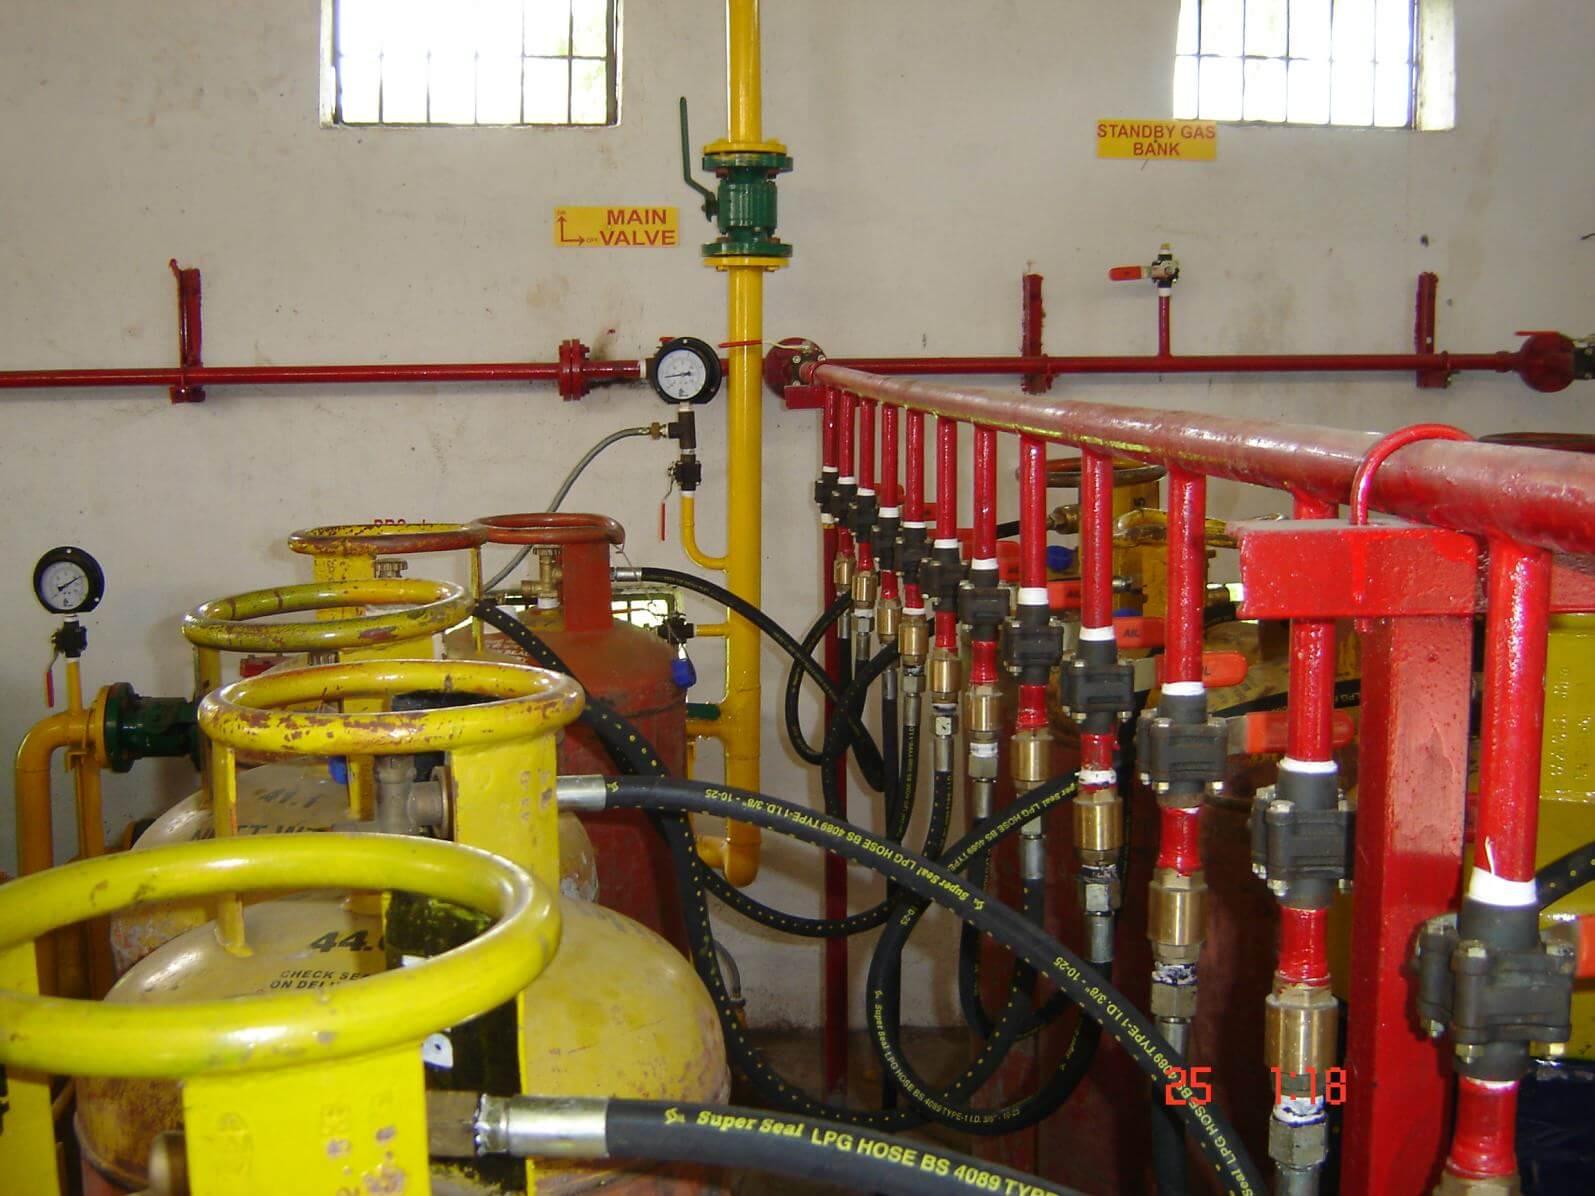 LPG Lot System installation